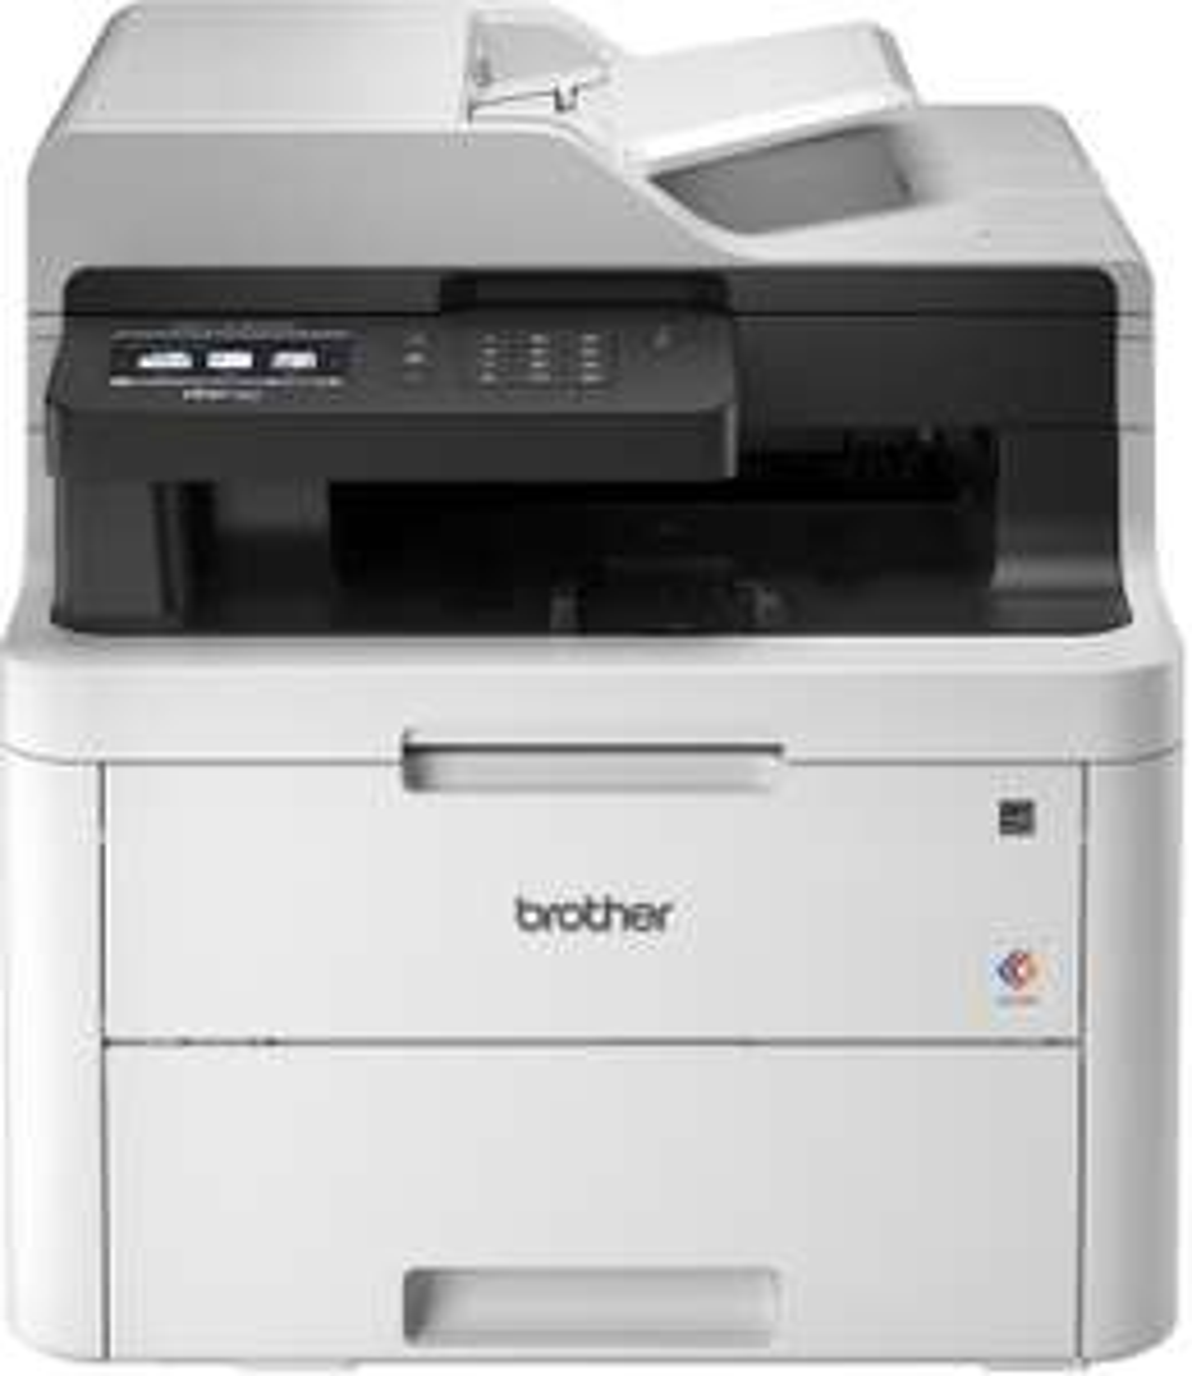 Brother MFC-L3730CDN Farblaser-Multifunktionsdrucker + 60€ Brother-Cashback (A4 Druck/Scan, 18 Seiten/Min, Duplex)